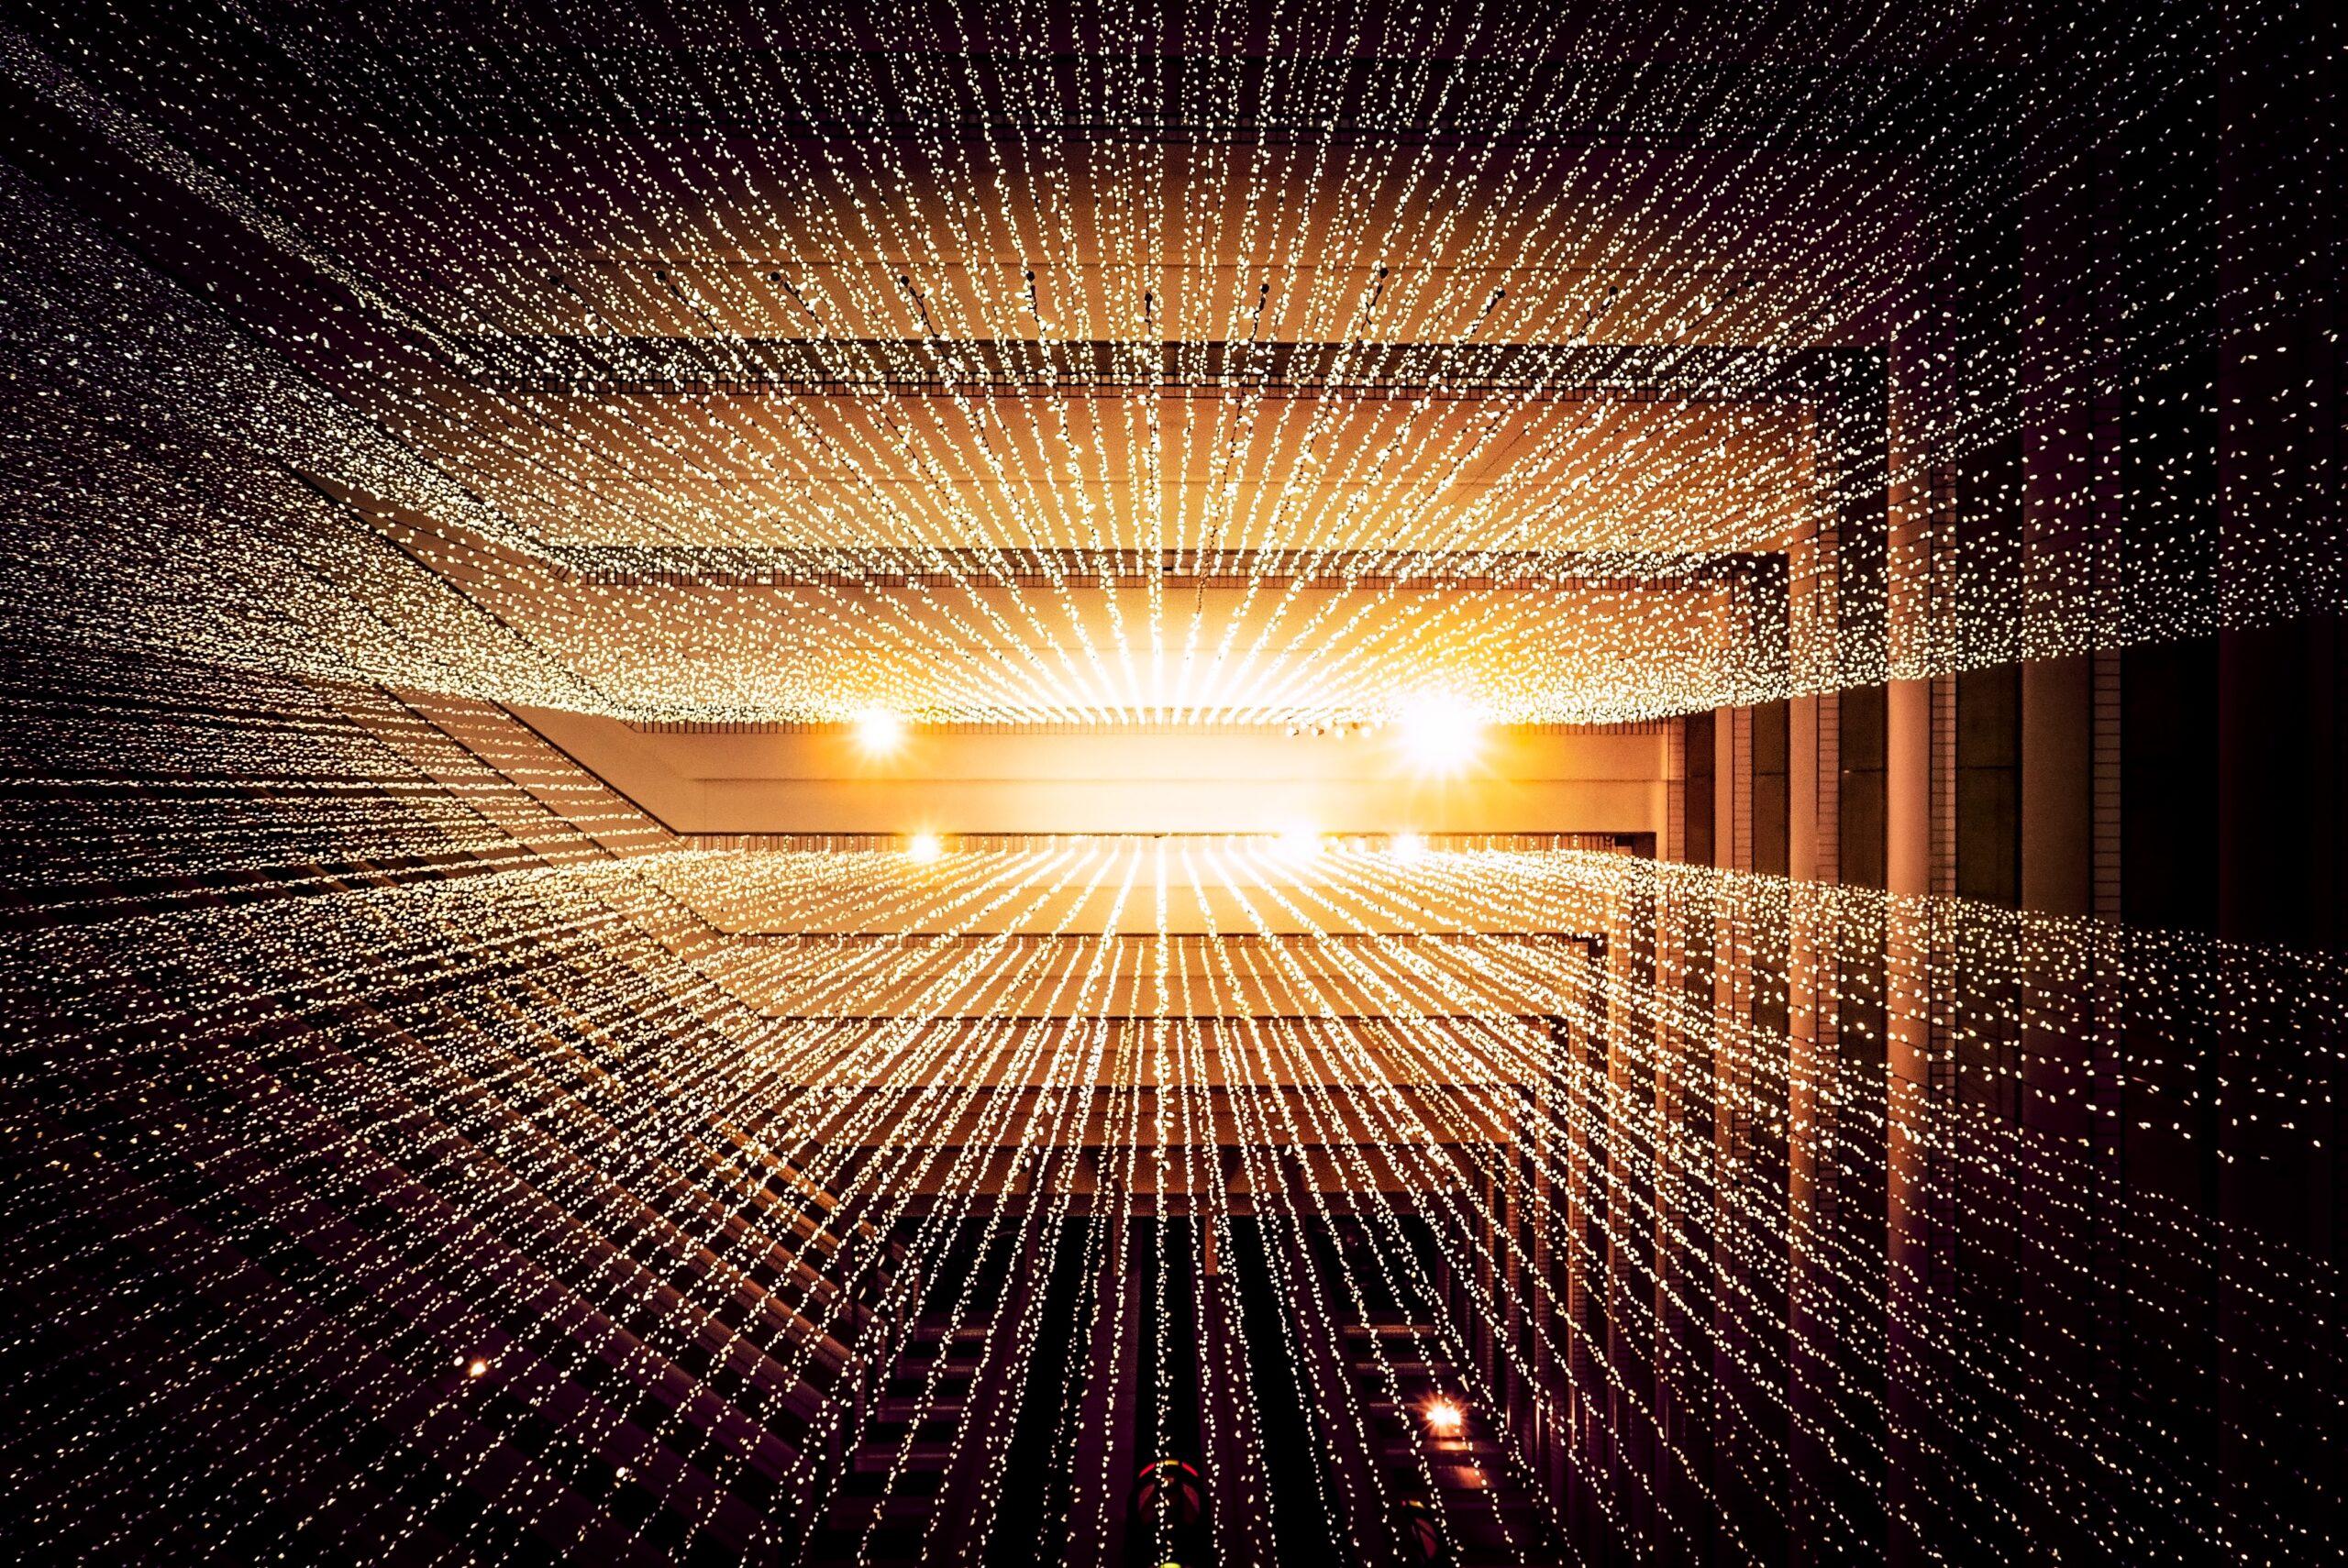 データビジュアライゼーションなど、データの可視化を推進するデザイナー募集